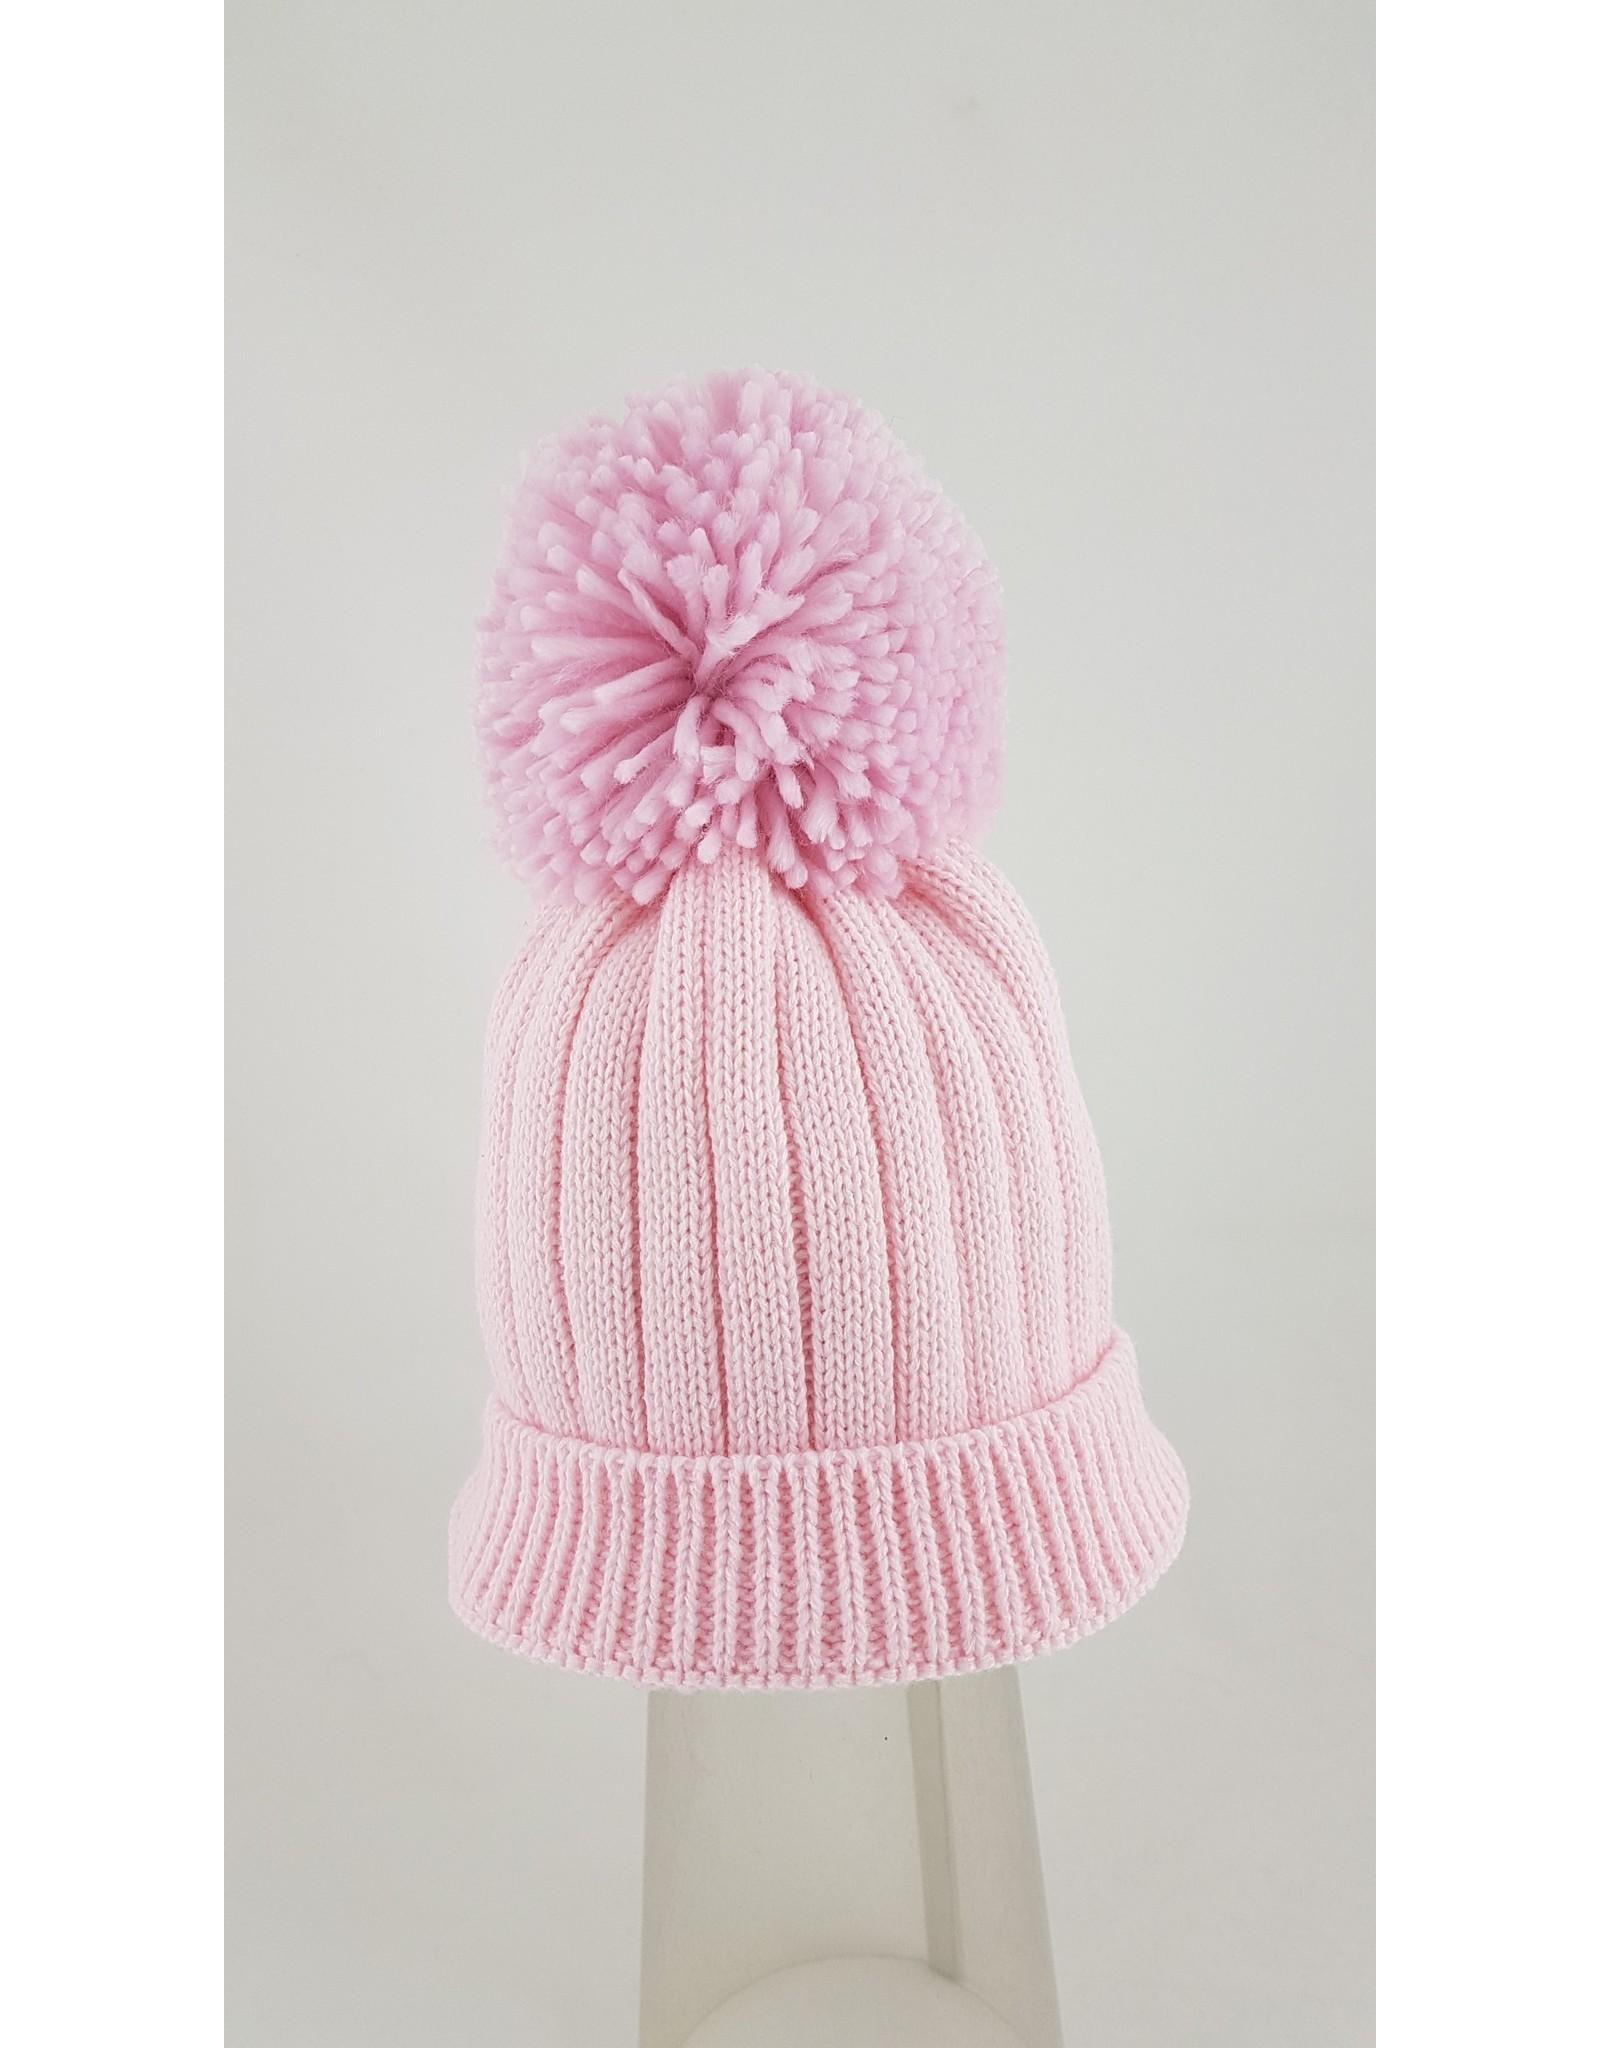 Pesci Pesci Pom Pom Hat- Pink -Blue